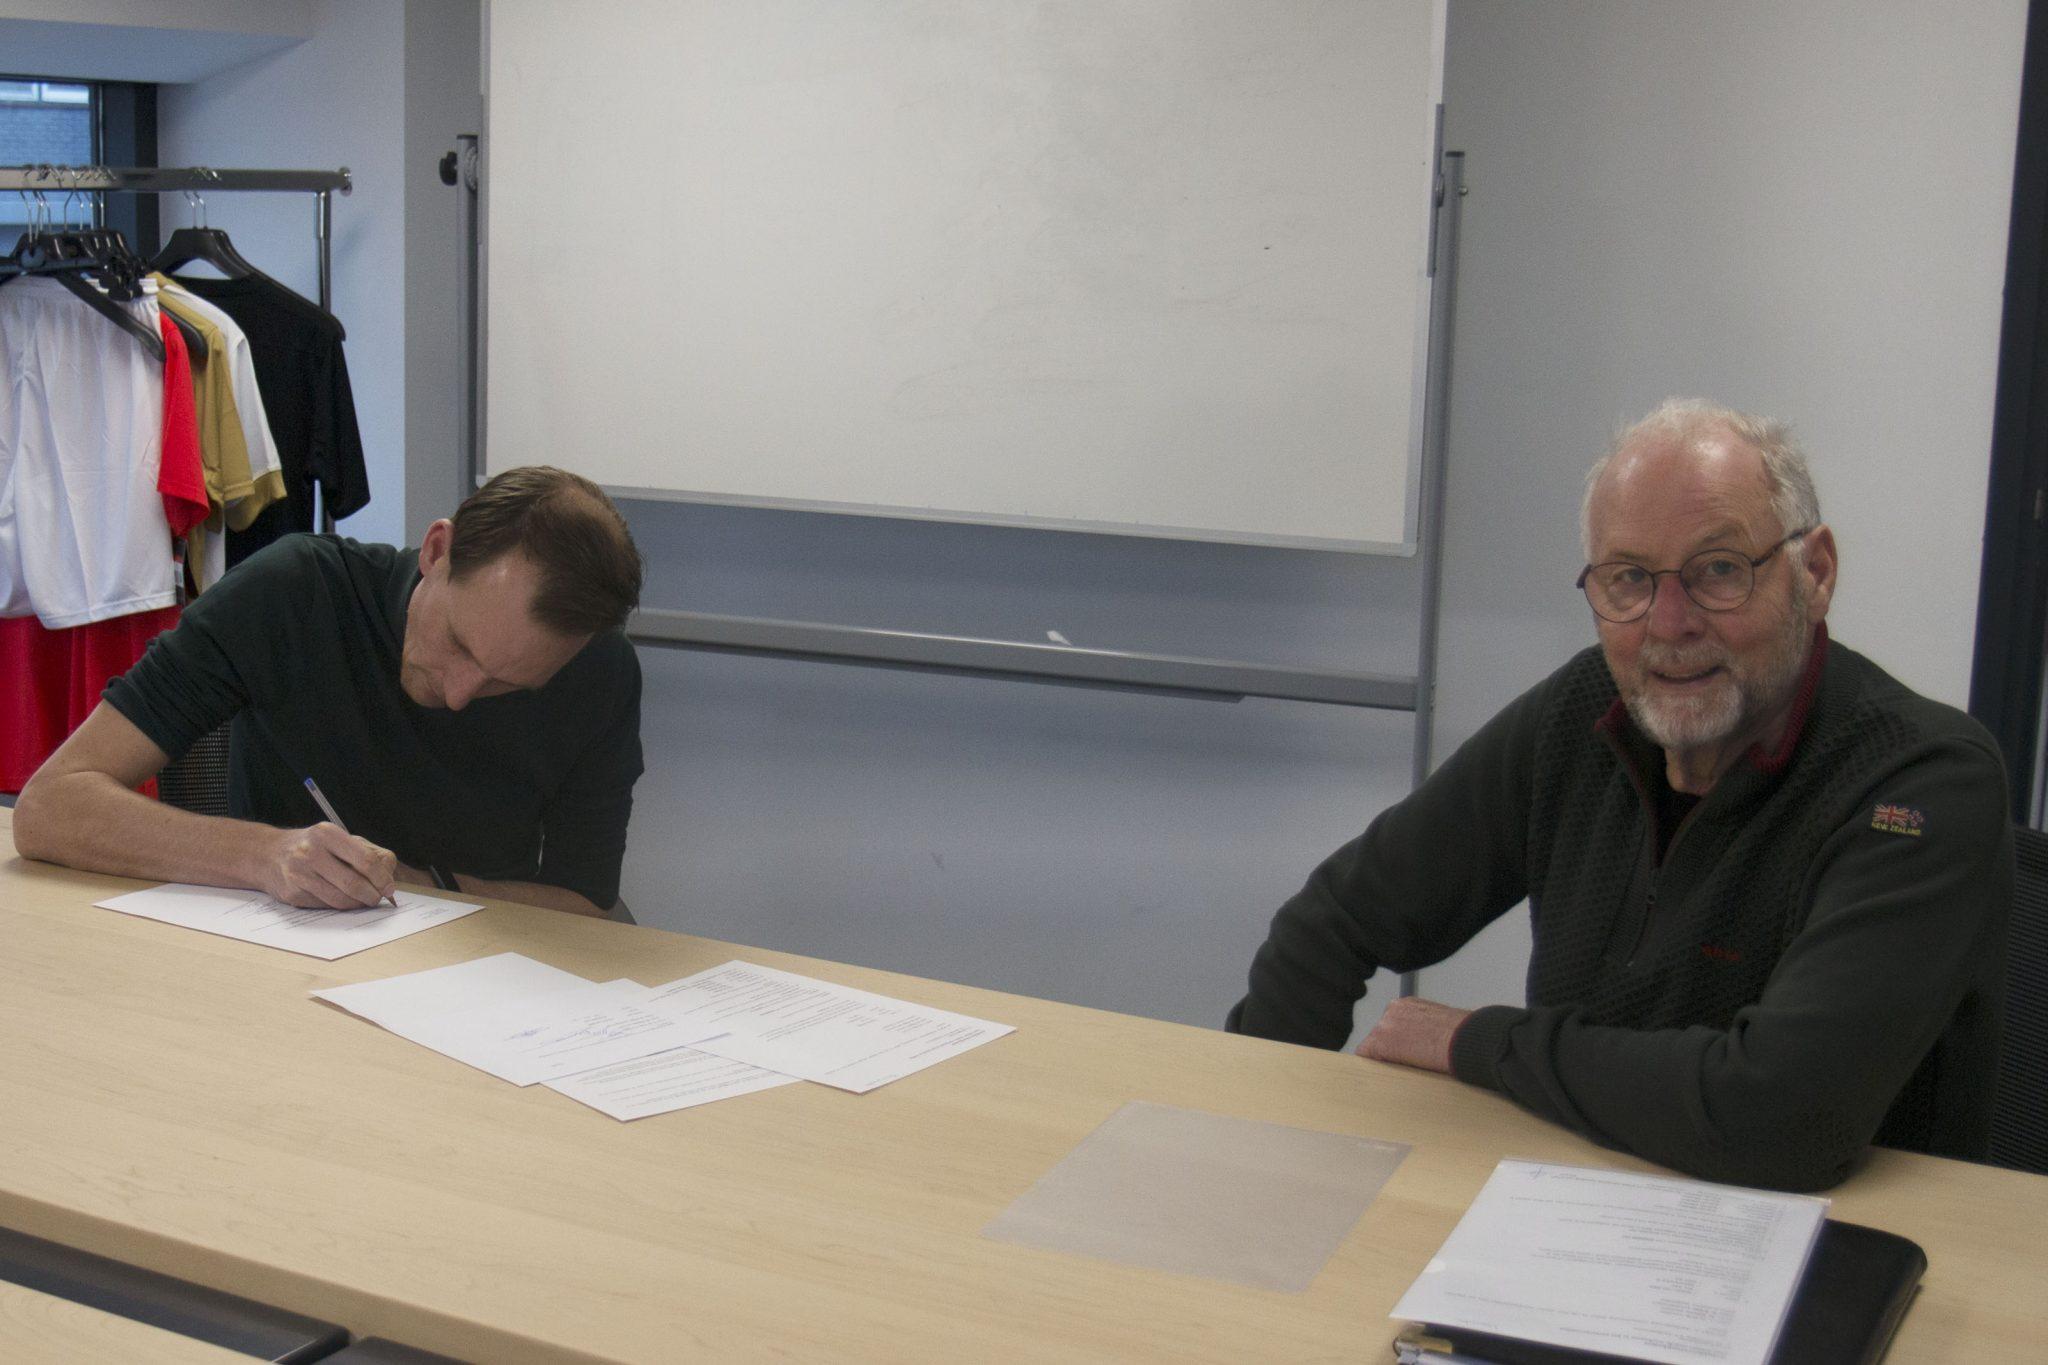 Tekenmoment met nieuwe trainer Sander van Dijk